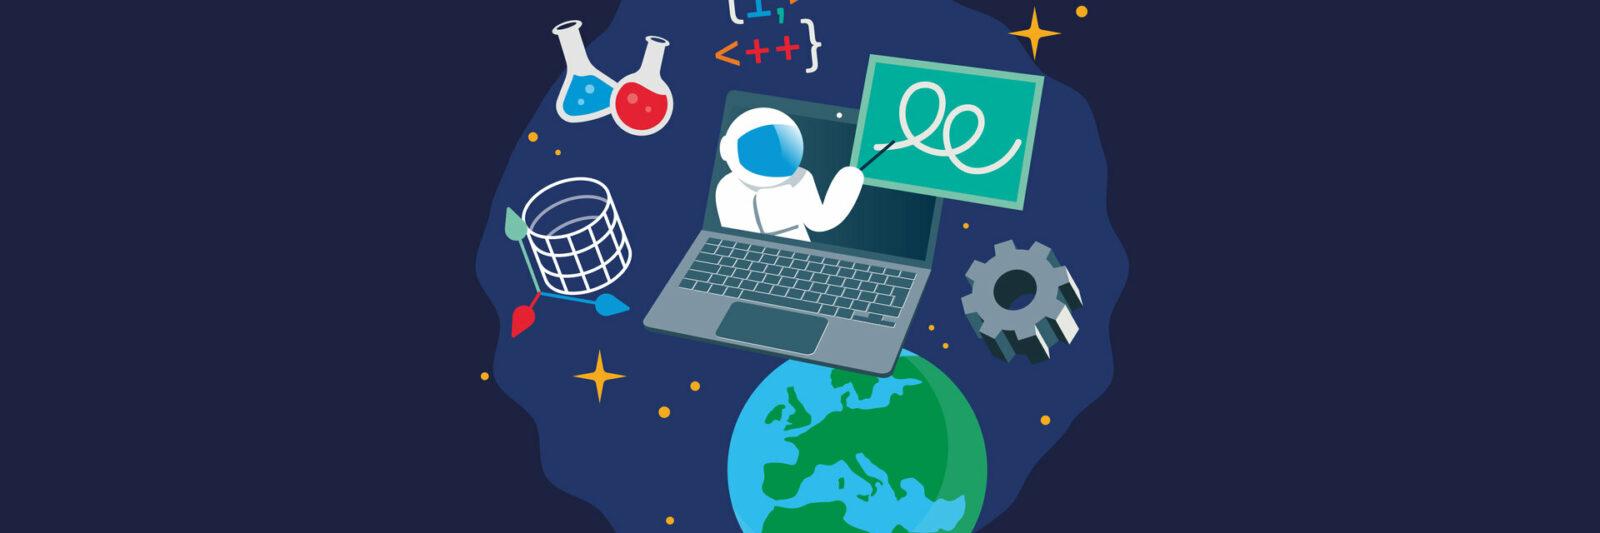 Conférence «Teach with Space» de l'ESA : inscrivez-vous !